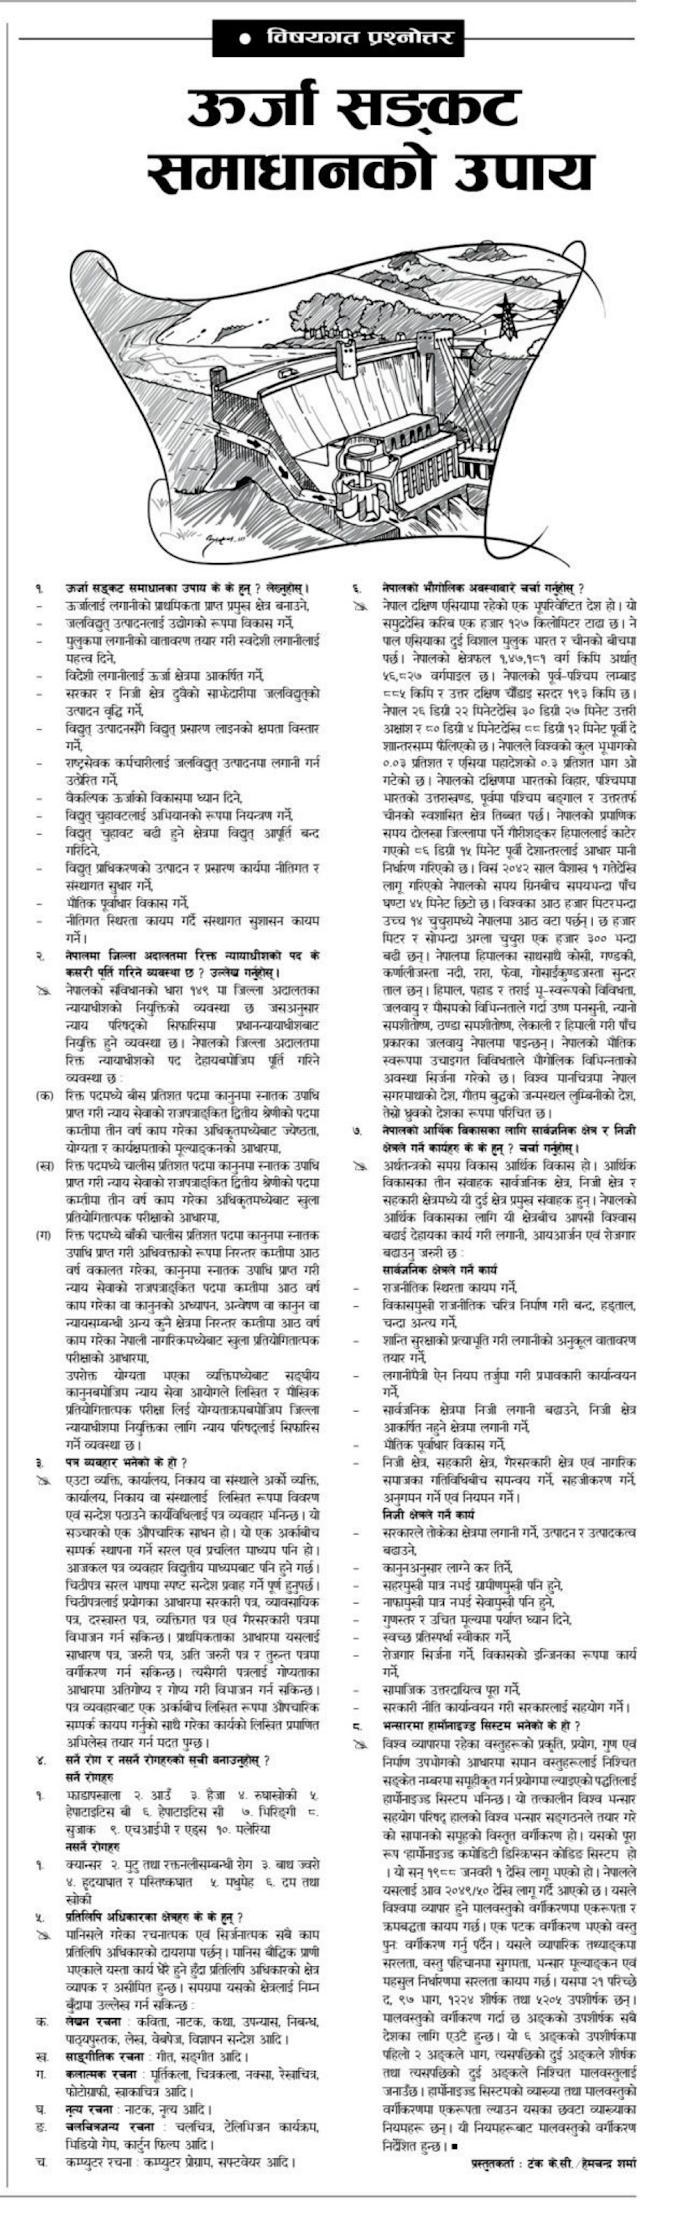 Gorakhapatra 2076 Baisakh 4 Bisayagat - Loksewa